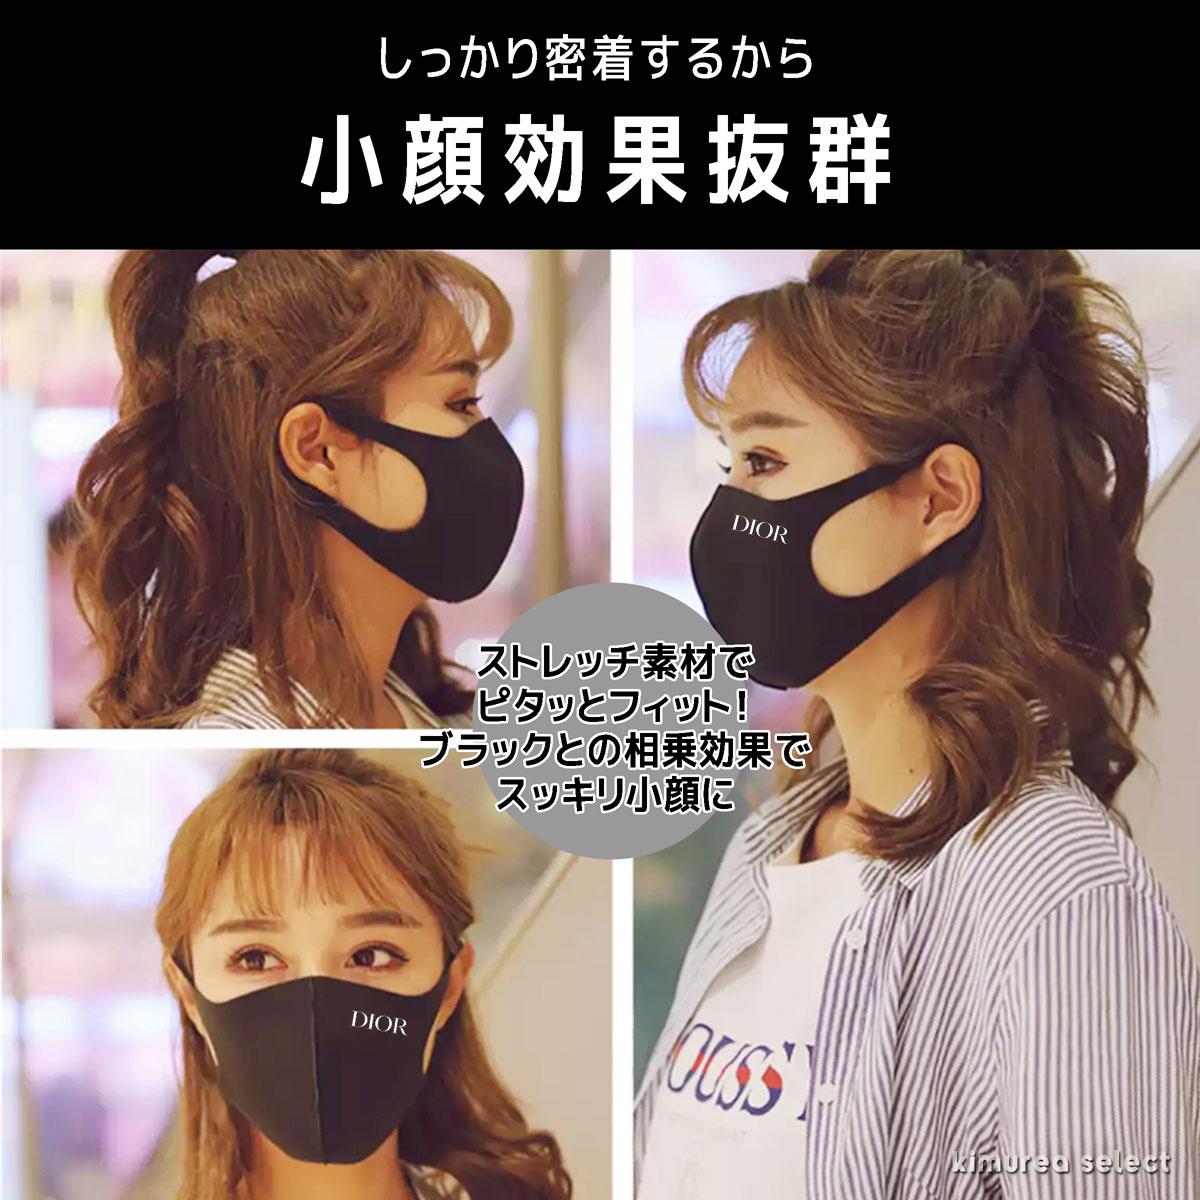 Dior brand masks super thin lightweight facemasks